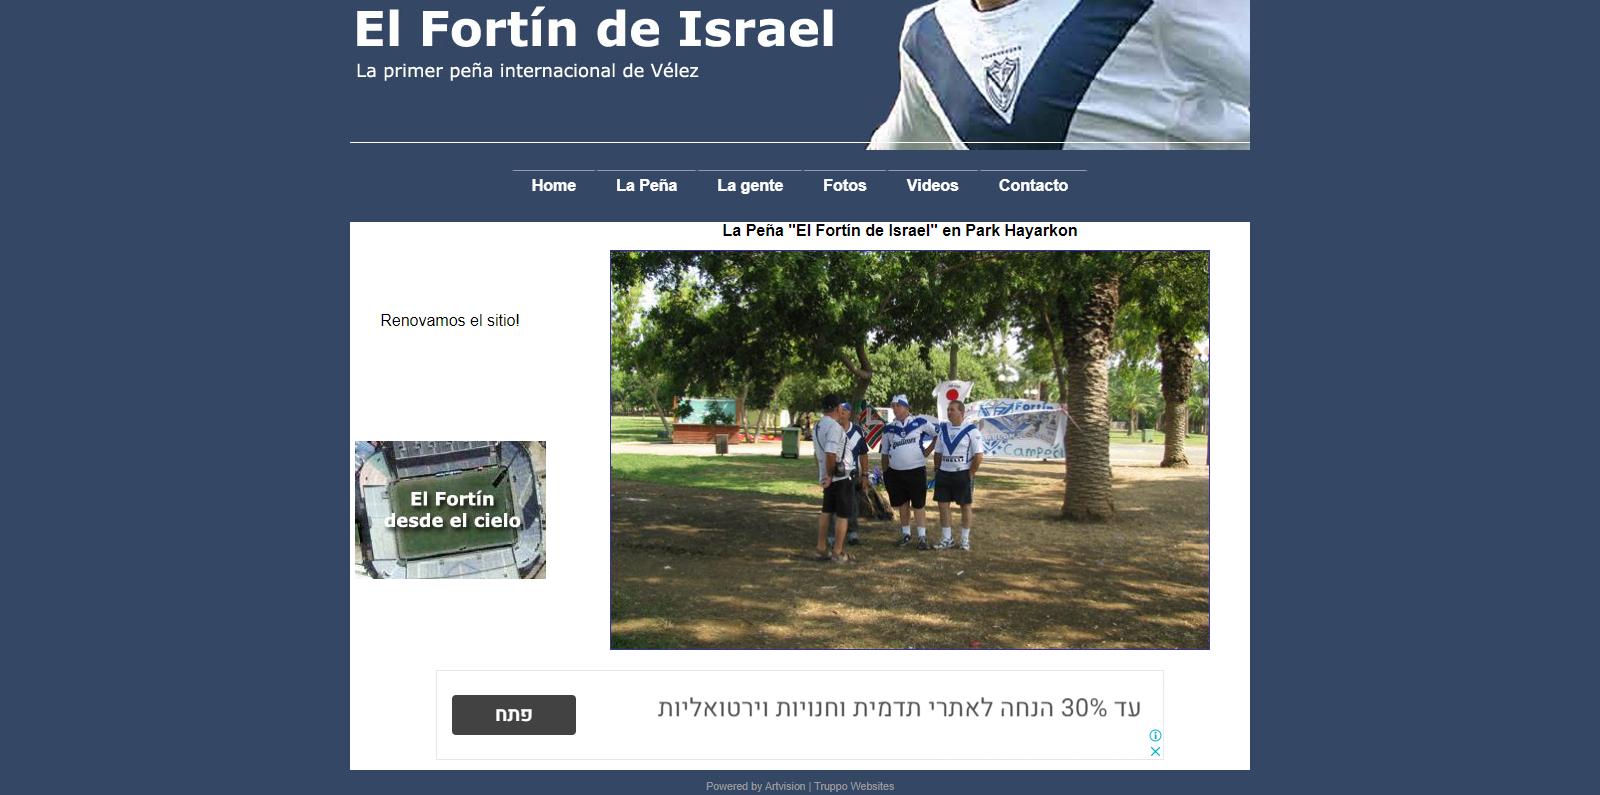 Fortineros - La peña de Velez en Israel